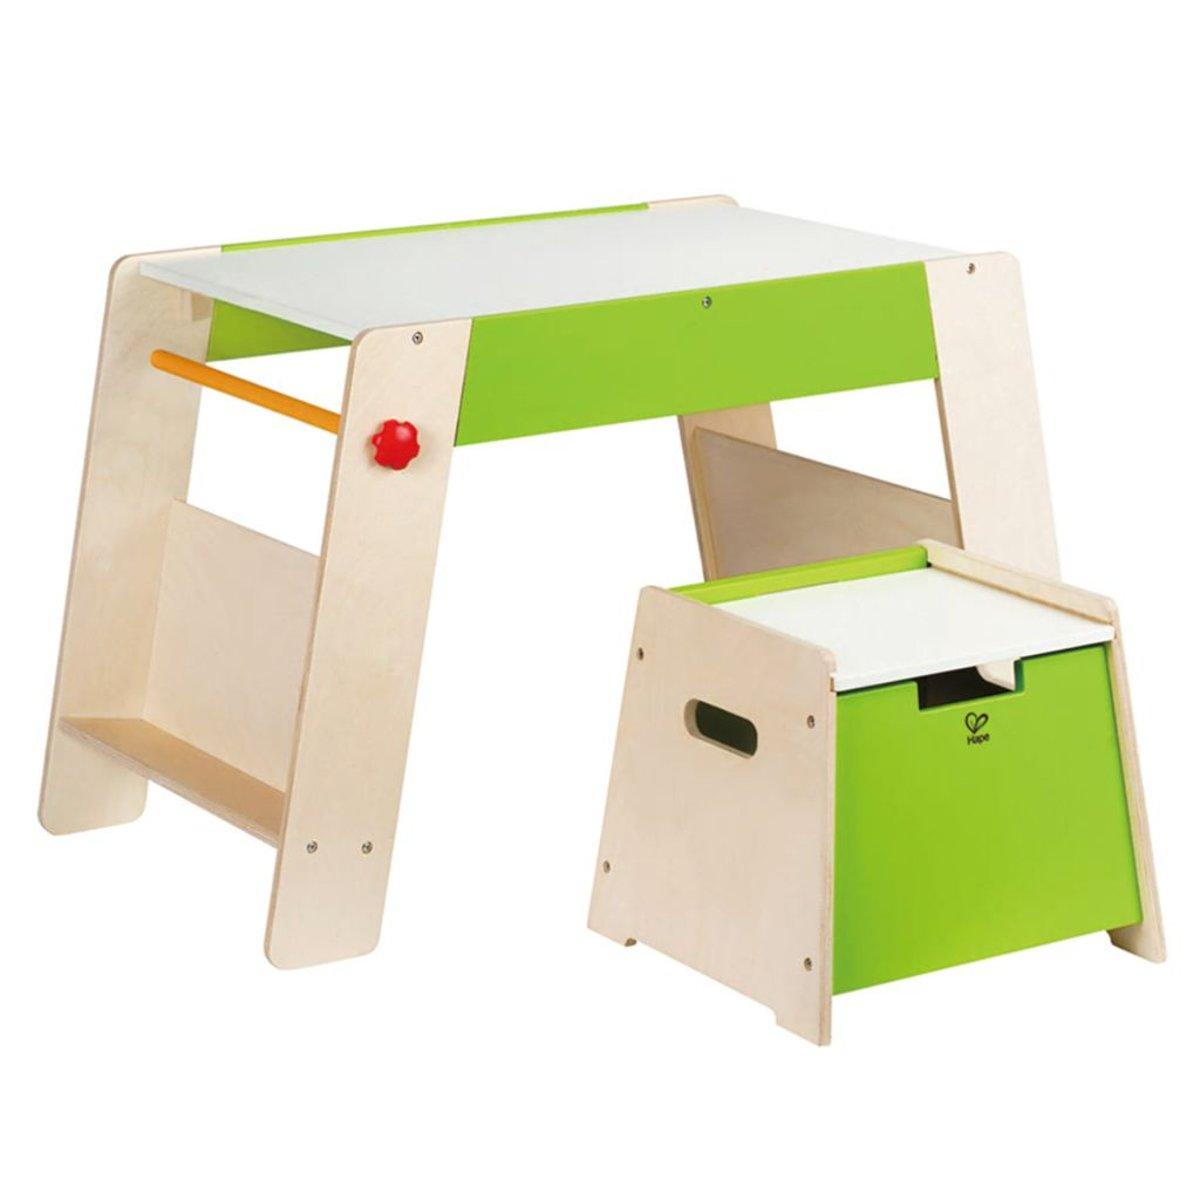 Hape kindertafel en stoel - toepasbaar met tekenpapierrol - duurzaam hout